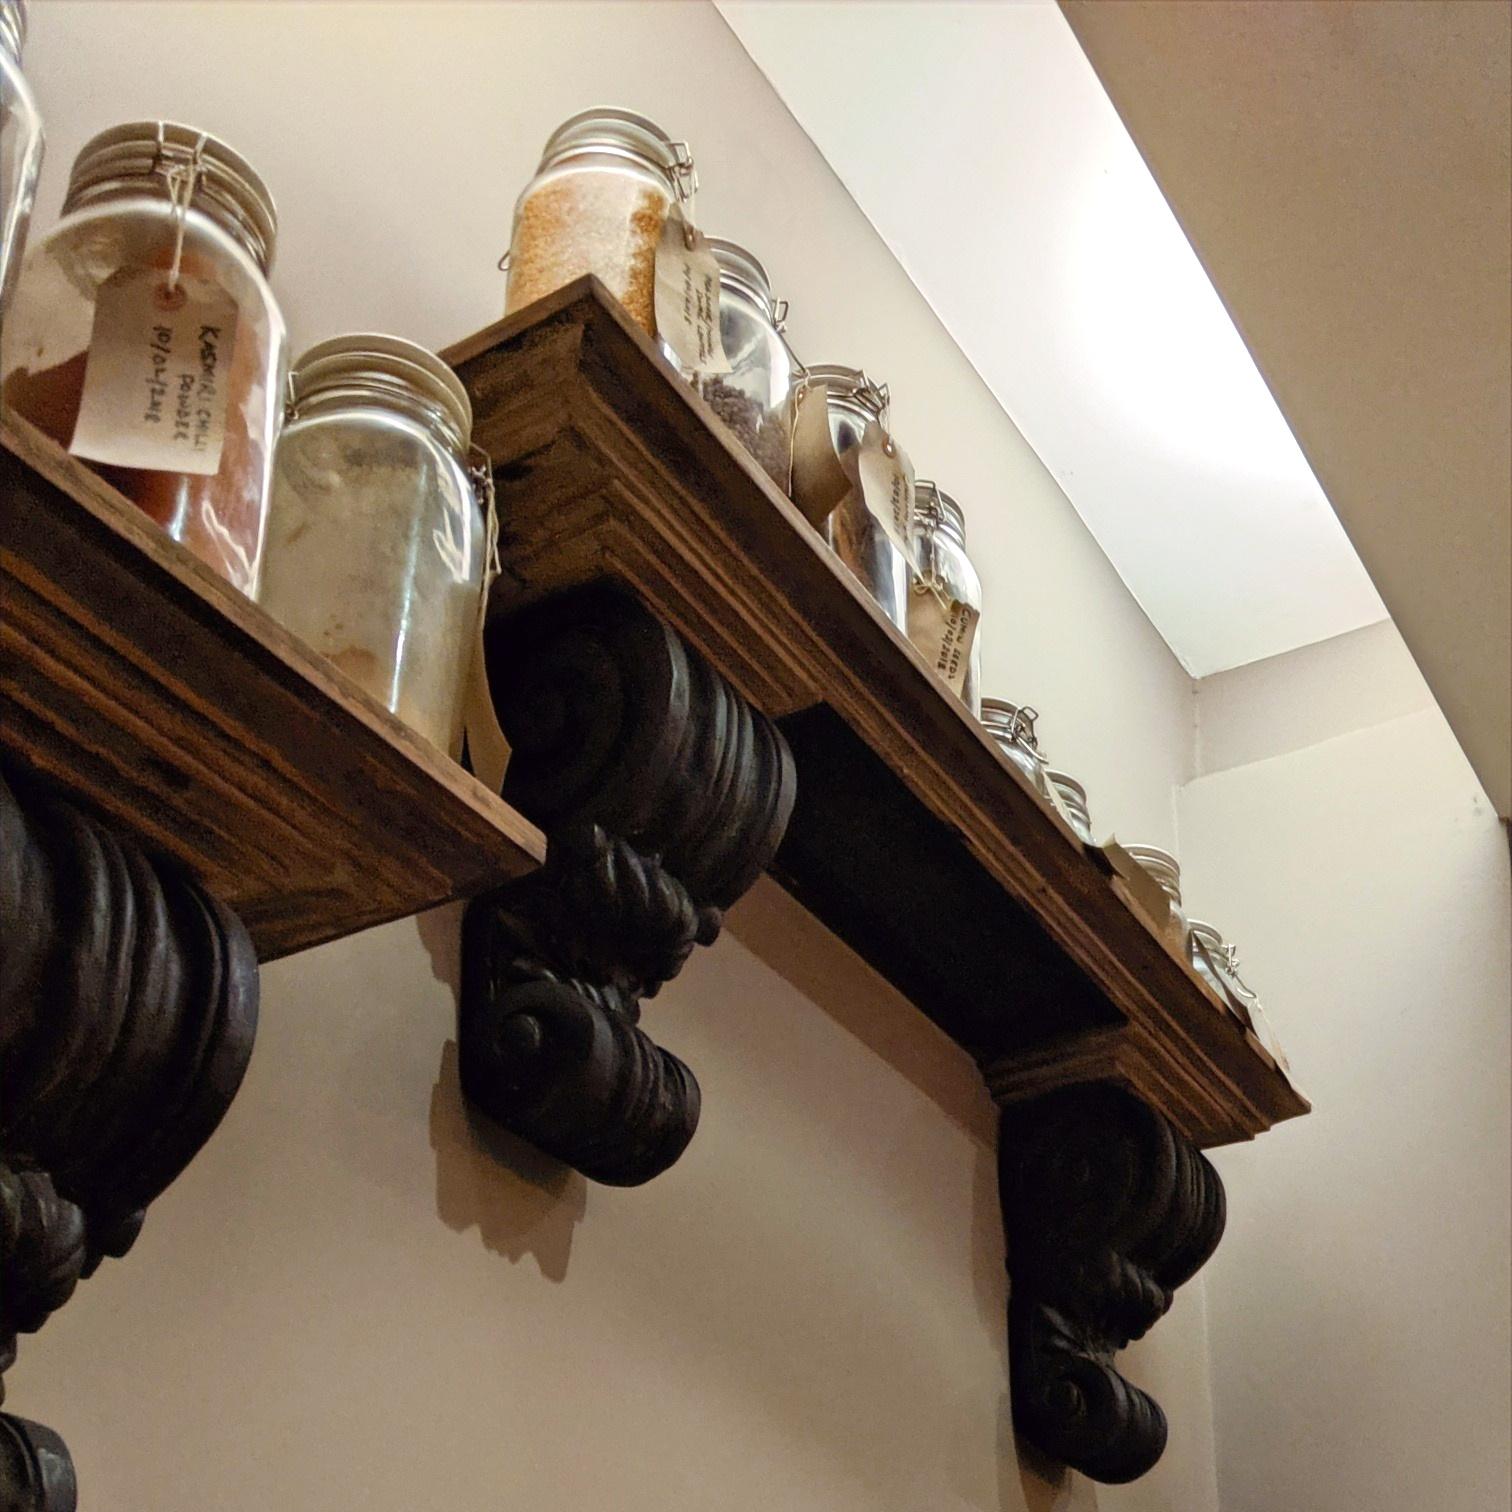 Chunky Shelves